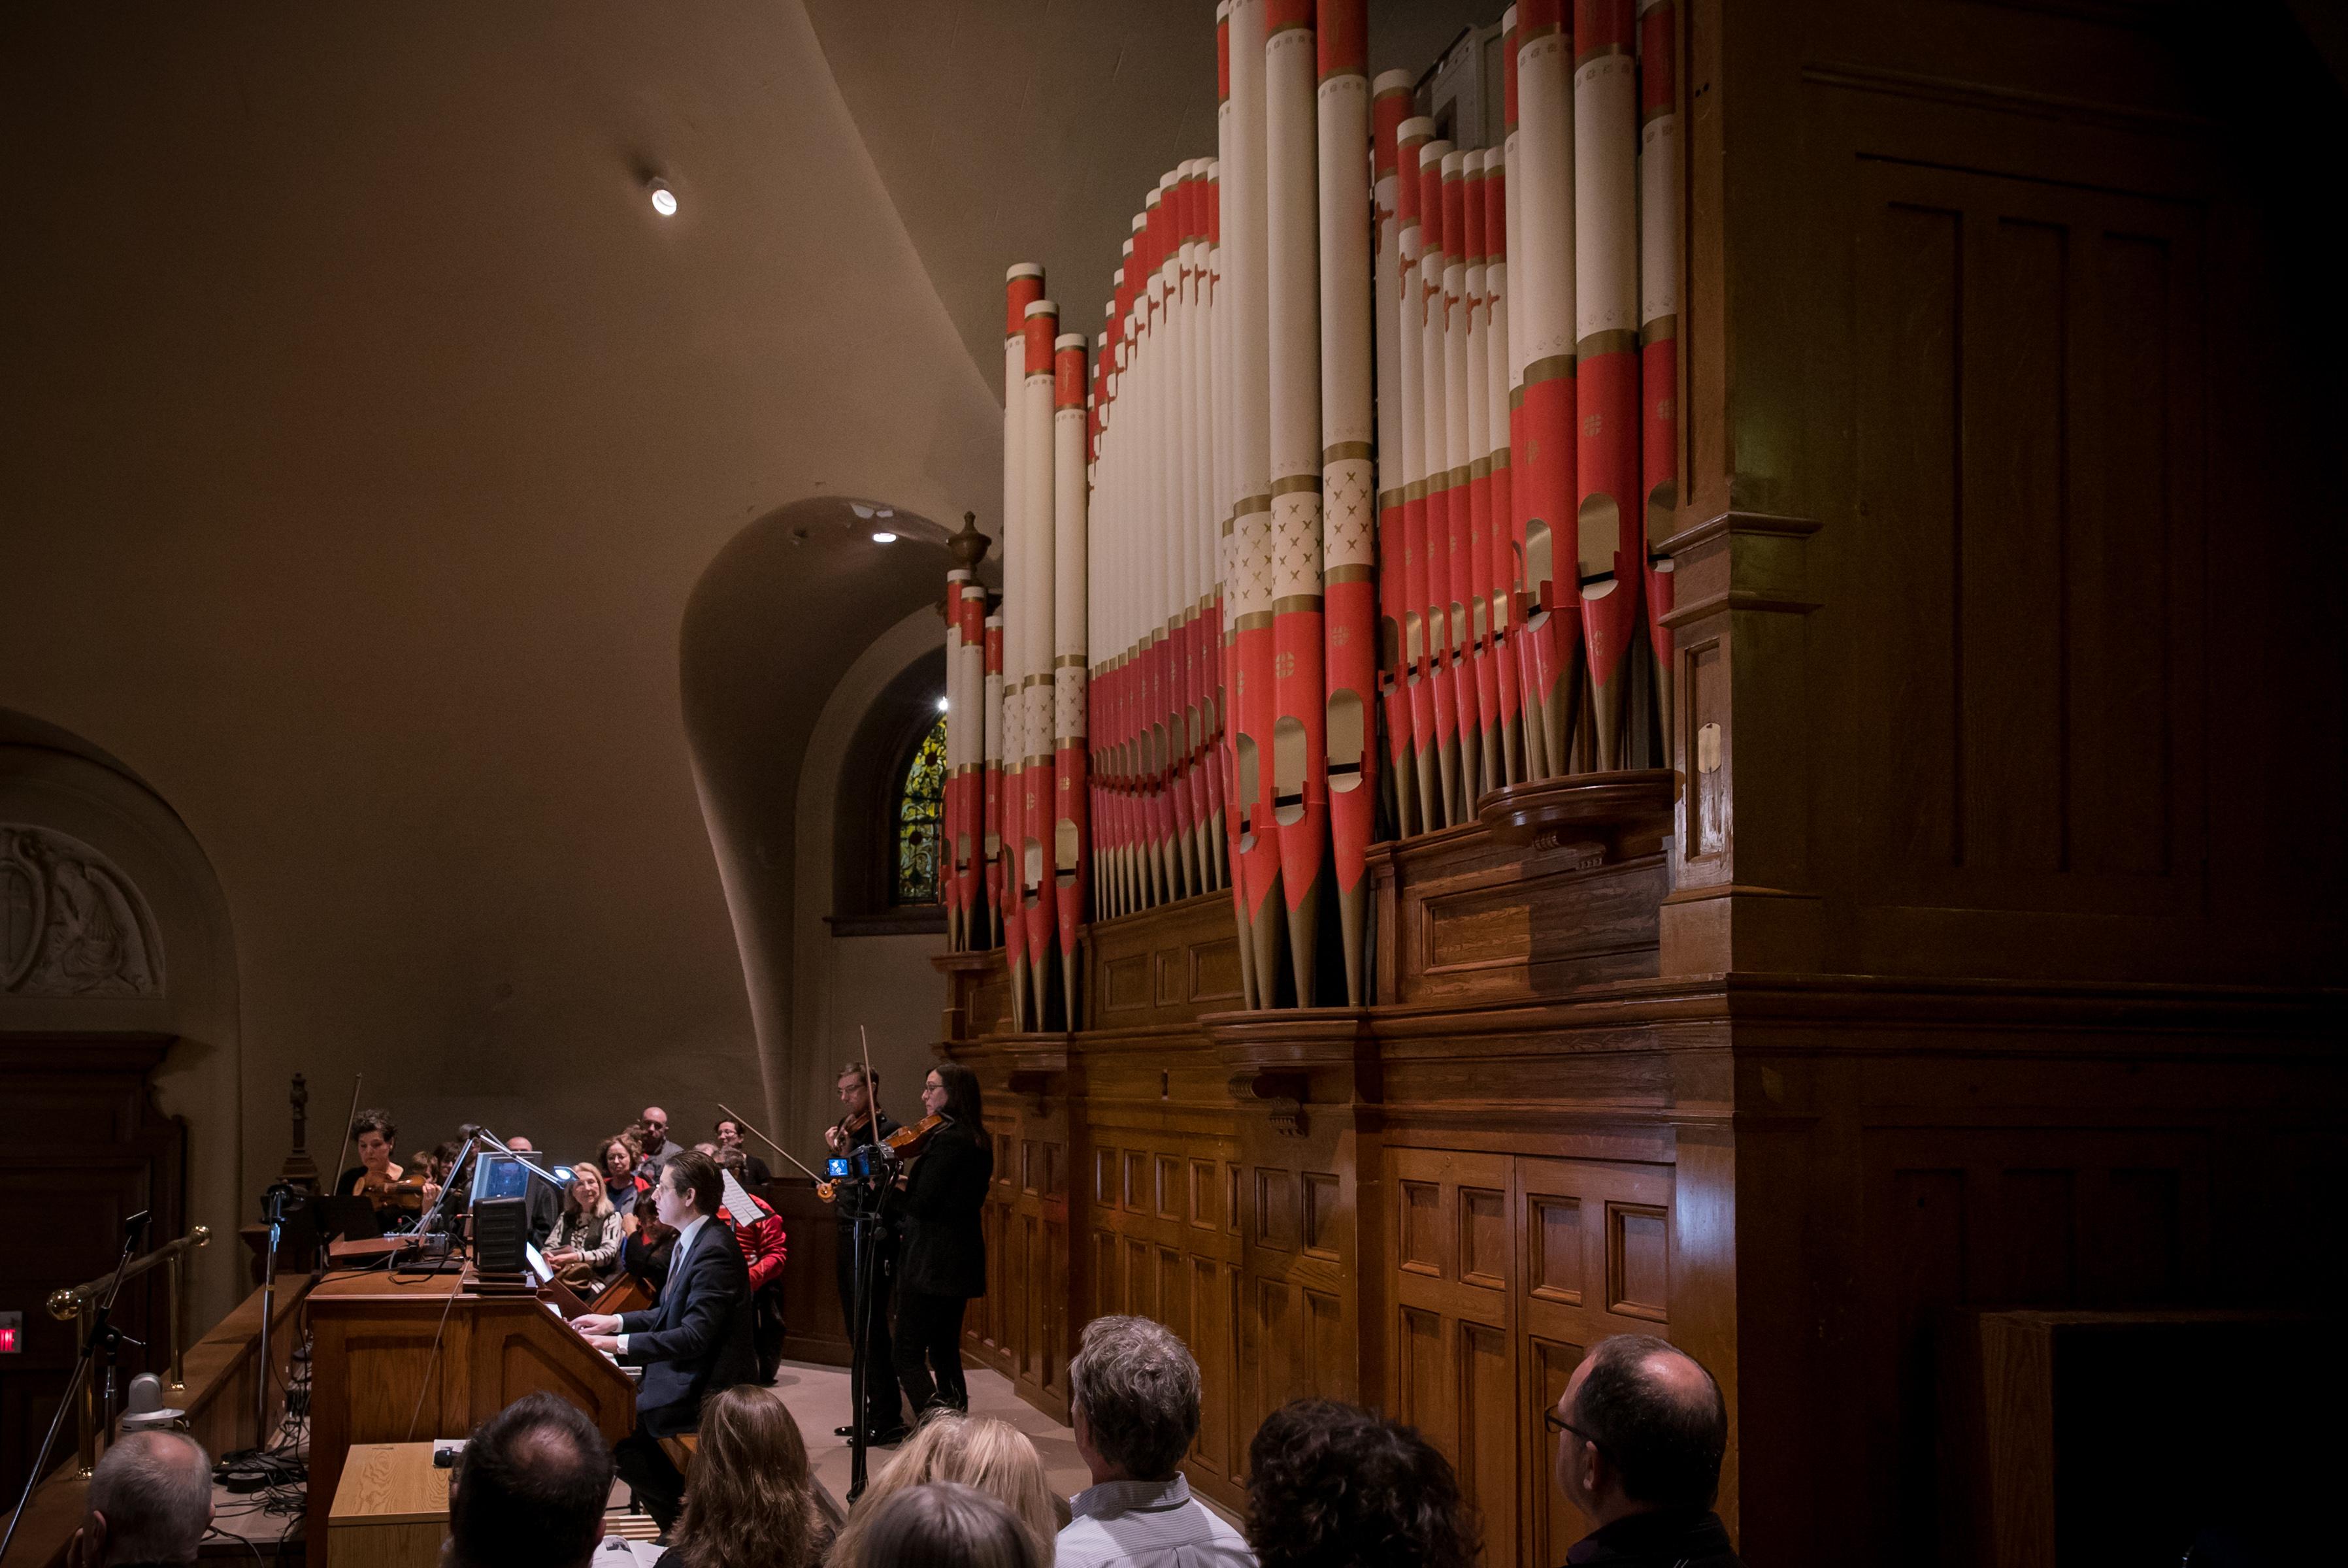 Vincent Boucher au jubé de l'orgue Casavant dans la crypte de l'Oratoire Saint-Joseph, 21 novembre 2017